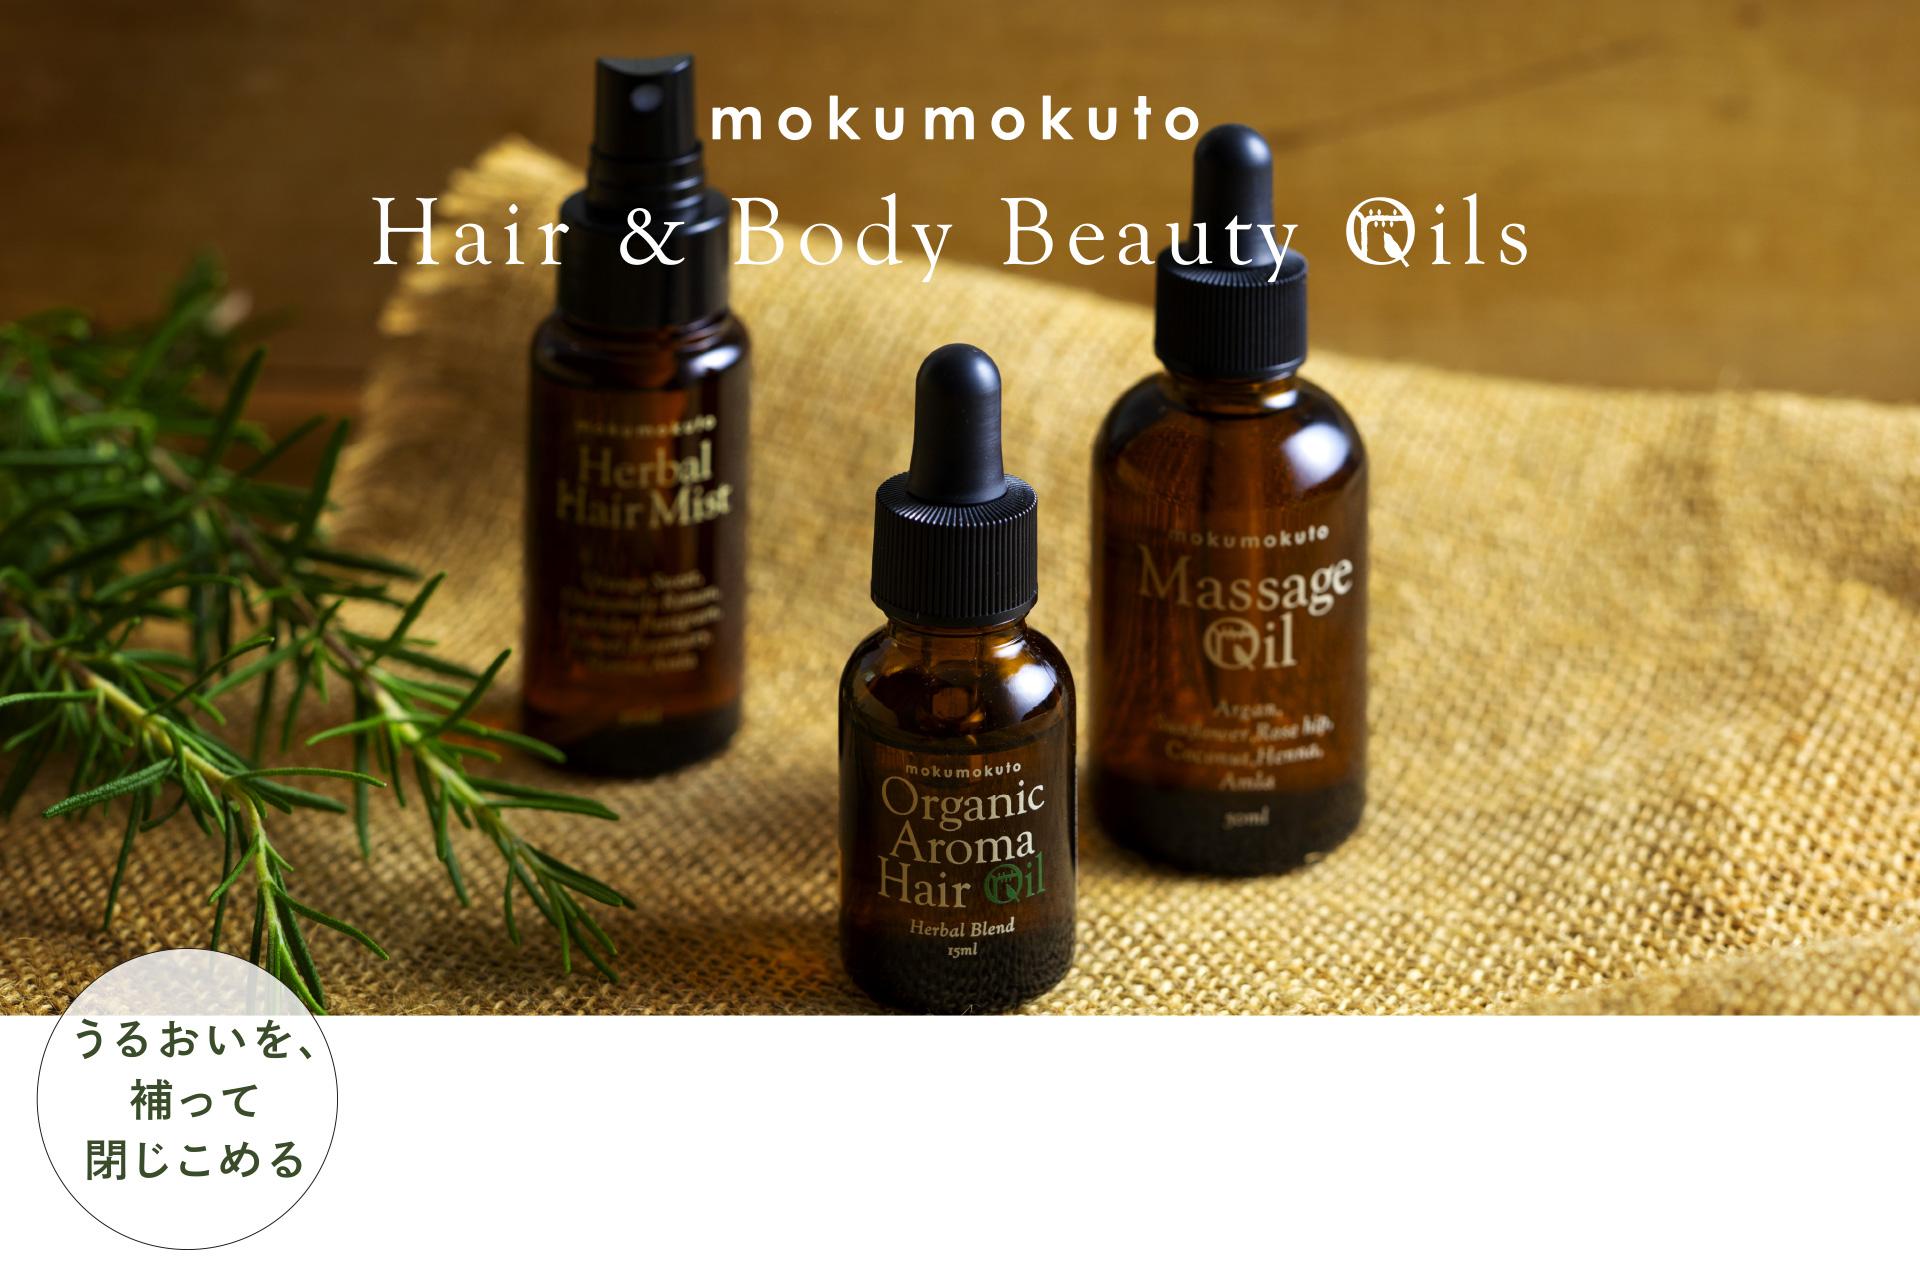 Hair & Body Beauty Oils